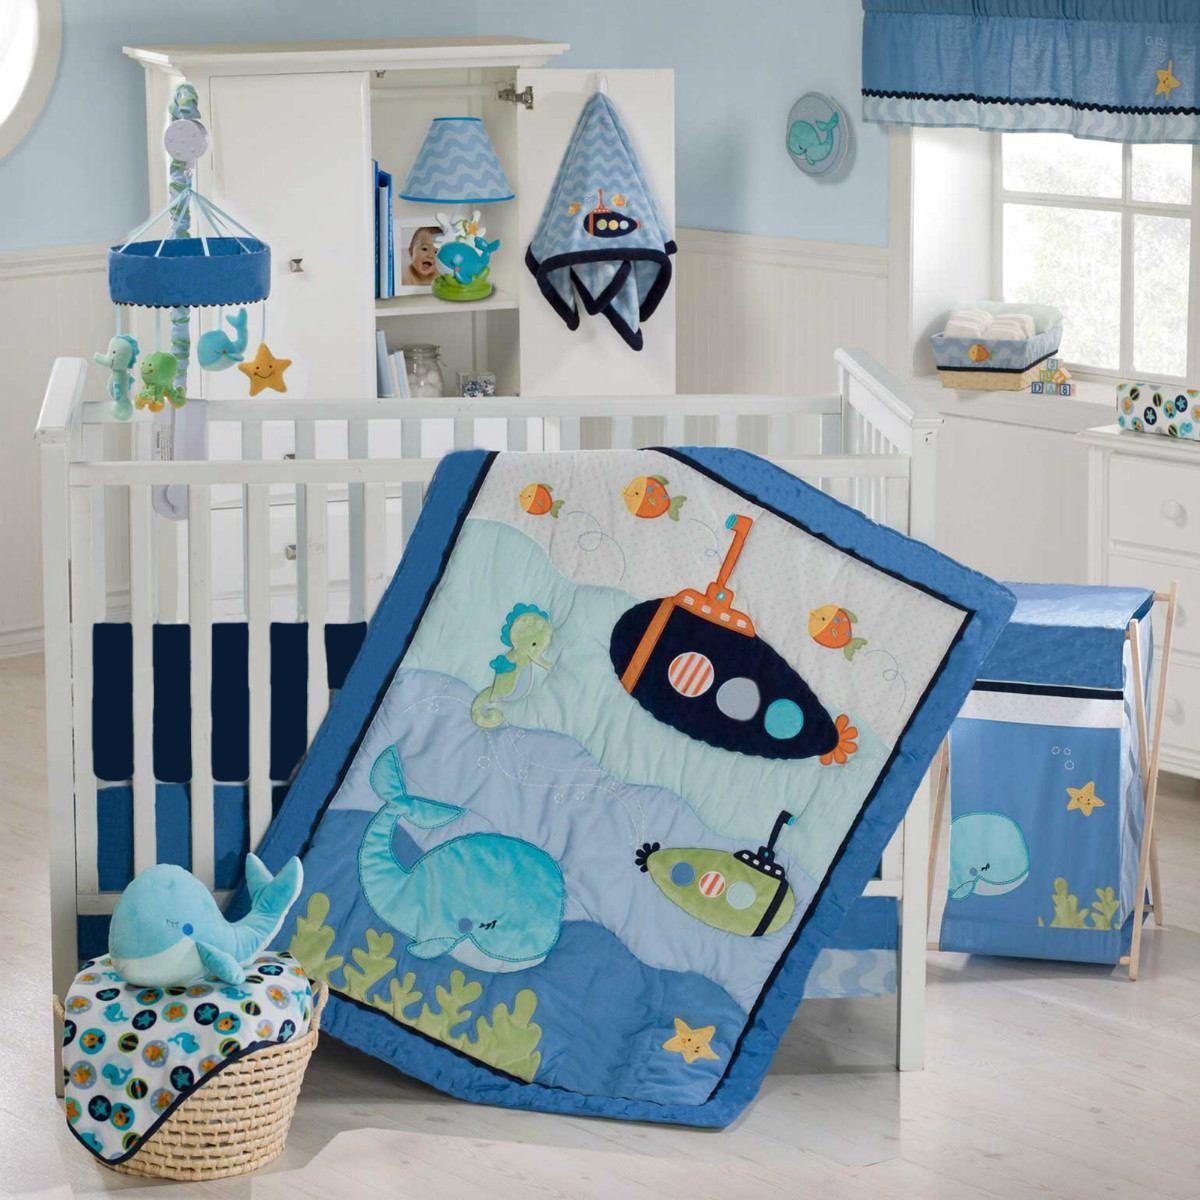 Edredones para bebe ropa de cuna corral o cama cuna cobija - Telas para cunas de bebe ...